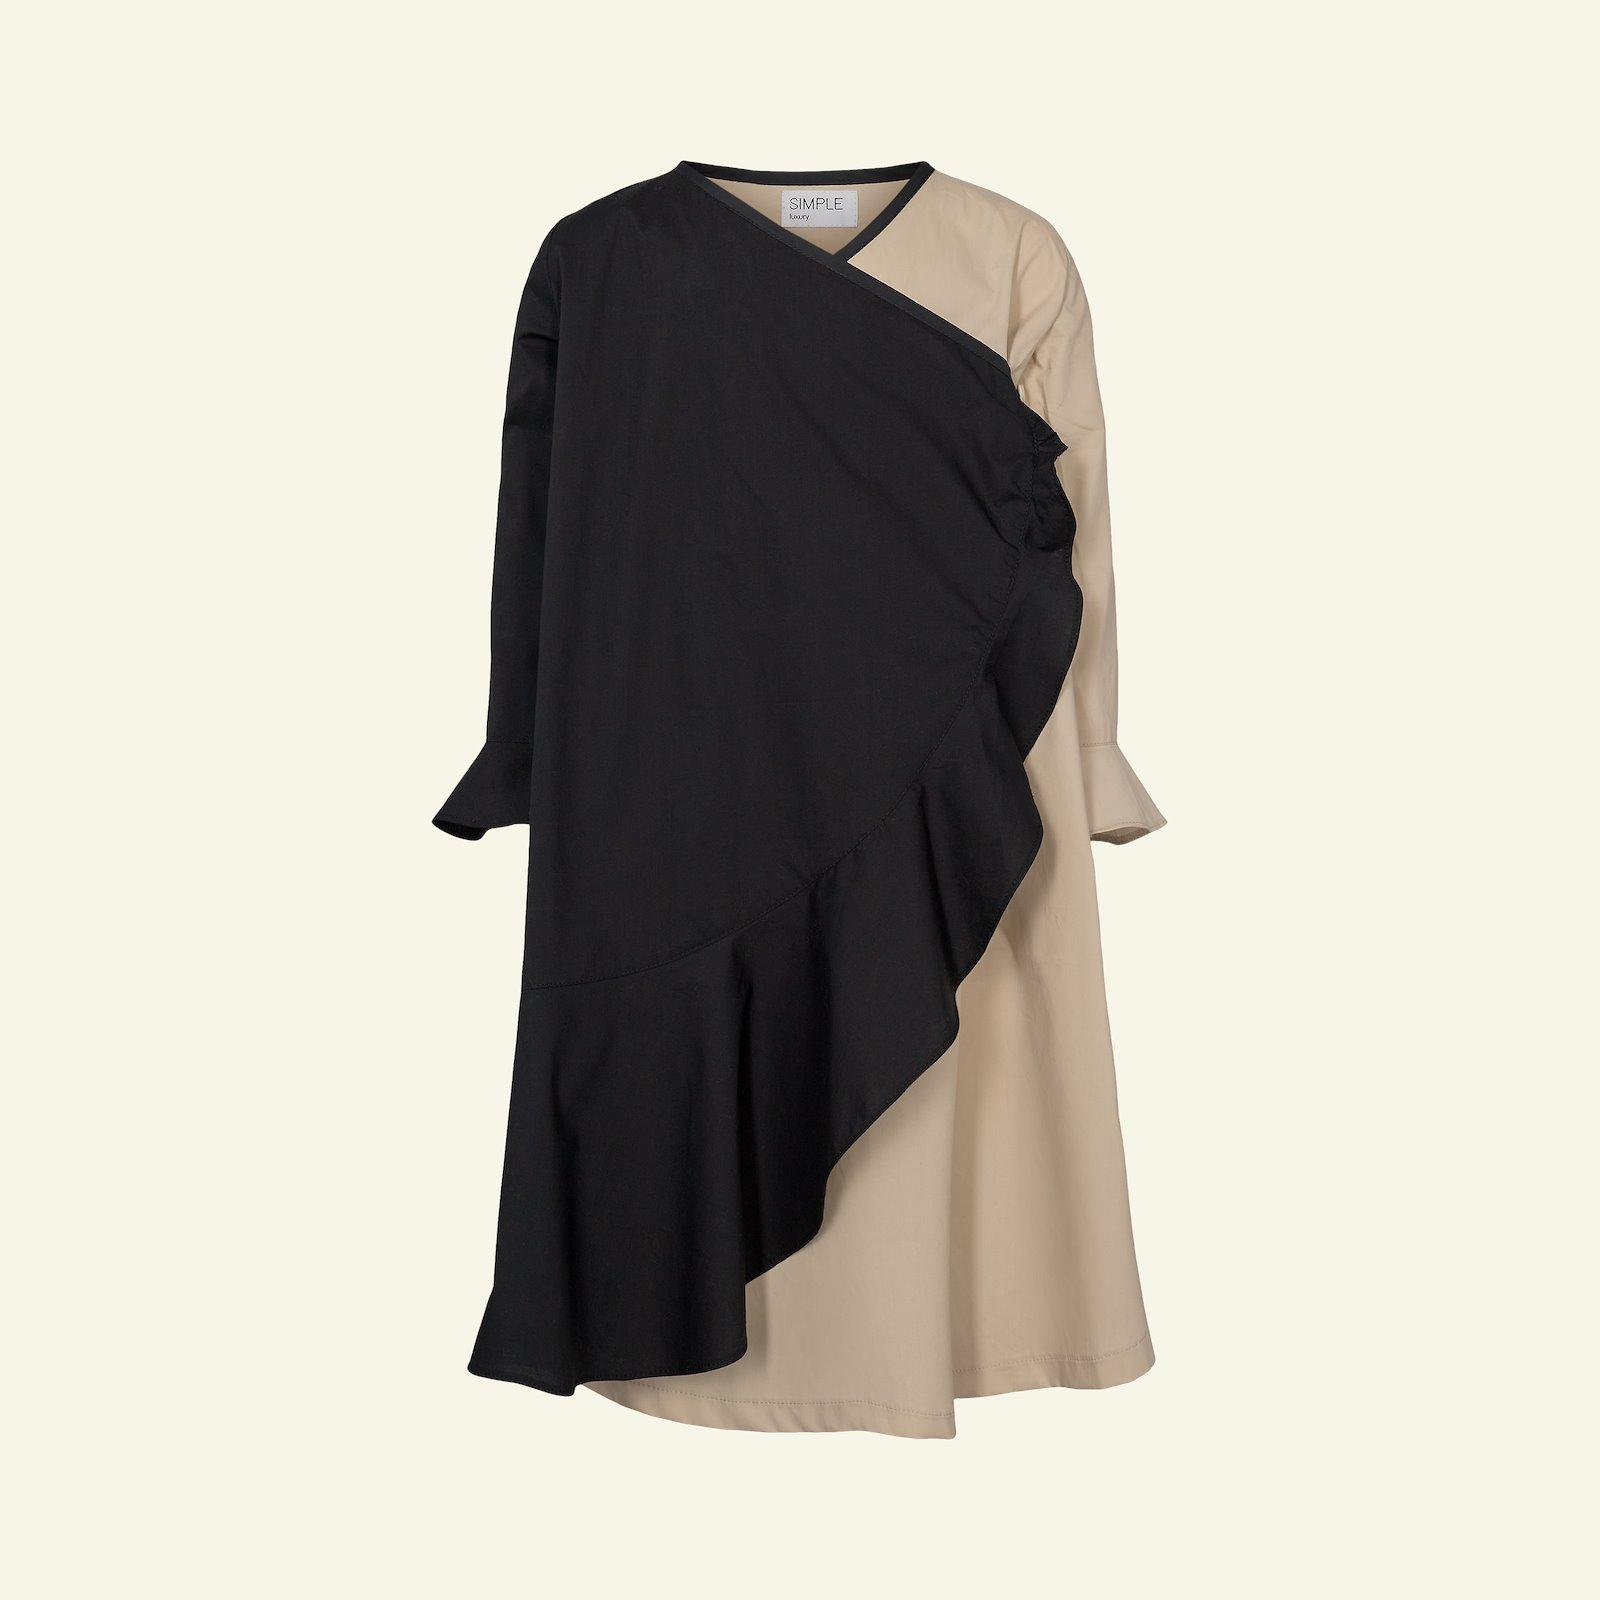 Kleid und Bluse mit Rüsche p63066_540110_510112_64080_24865_sskit